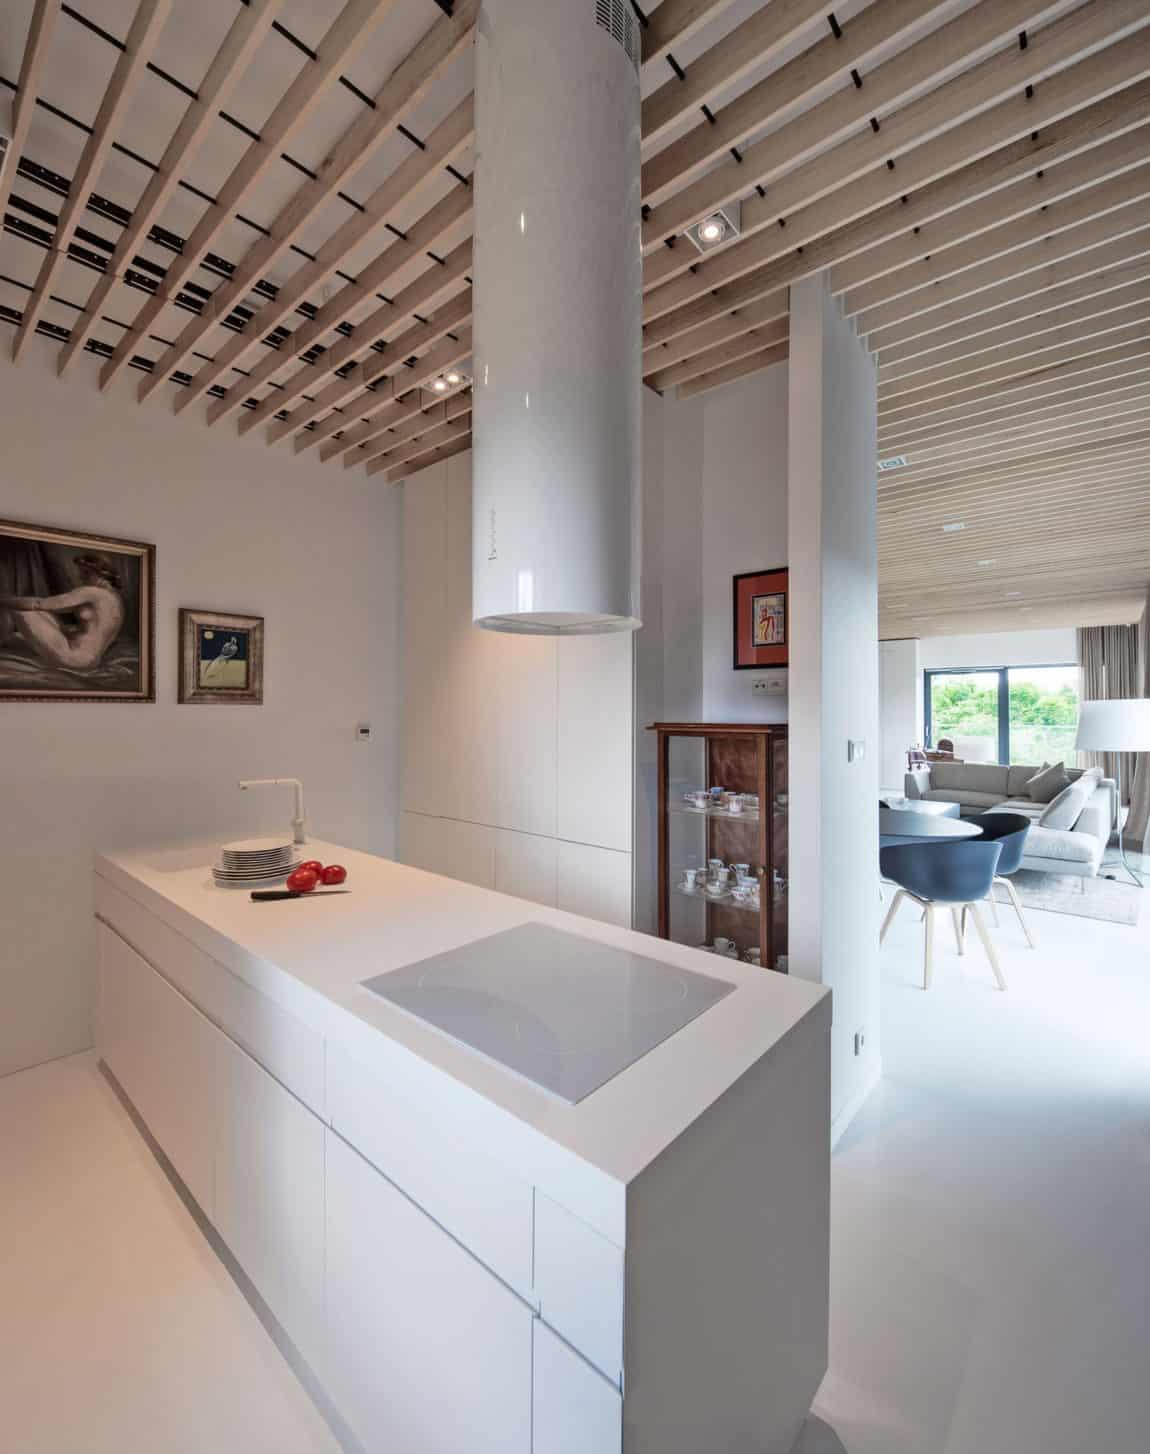 Flat interior design by pl architekci 12